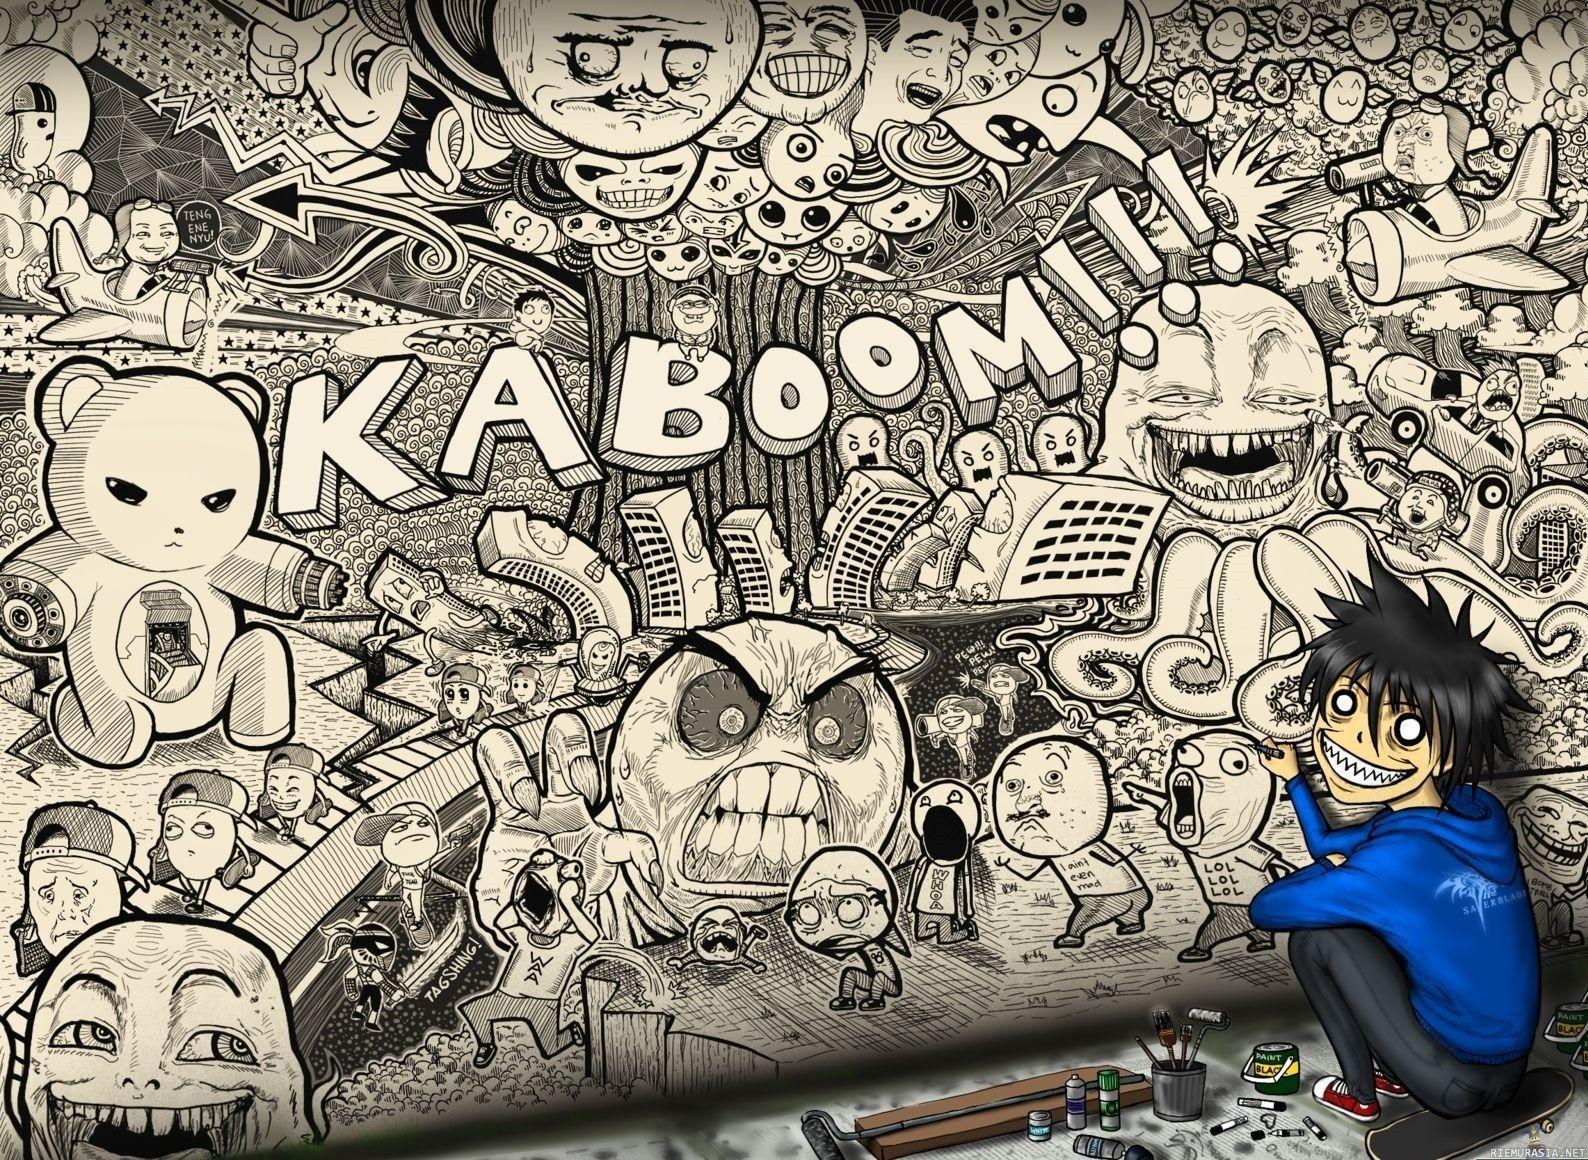 Graffiti Cartoon Wallpapers - Top Free ...